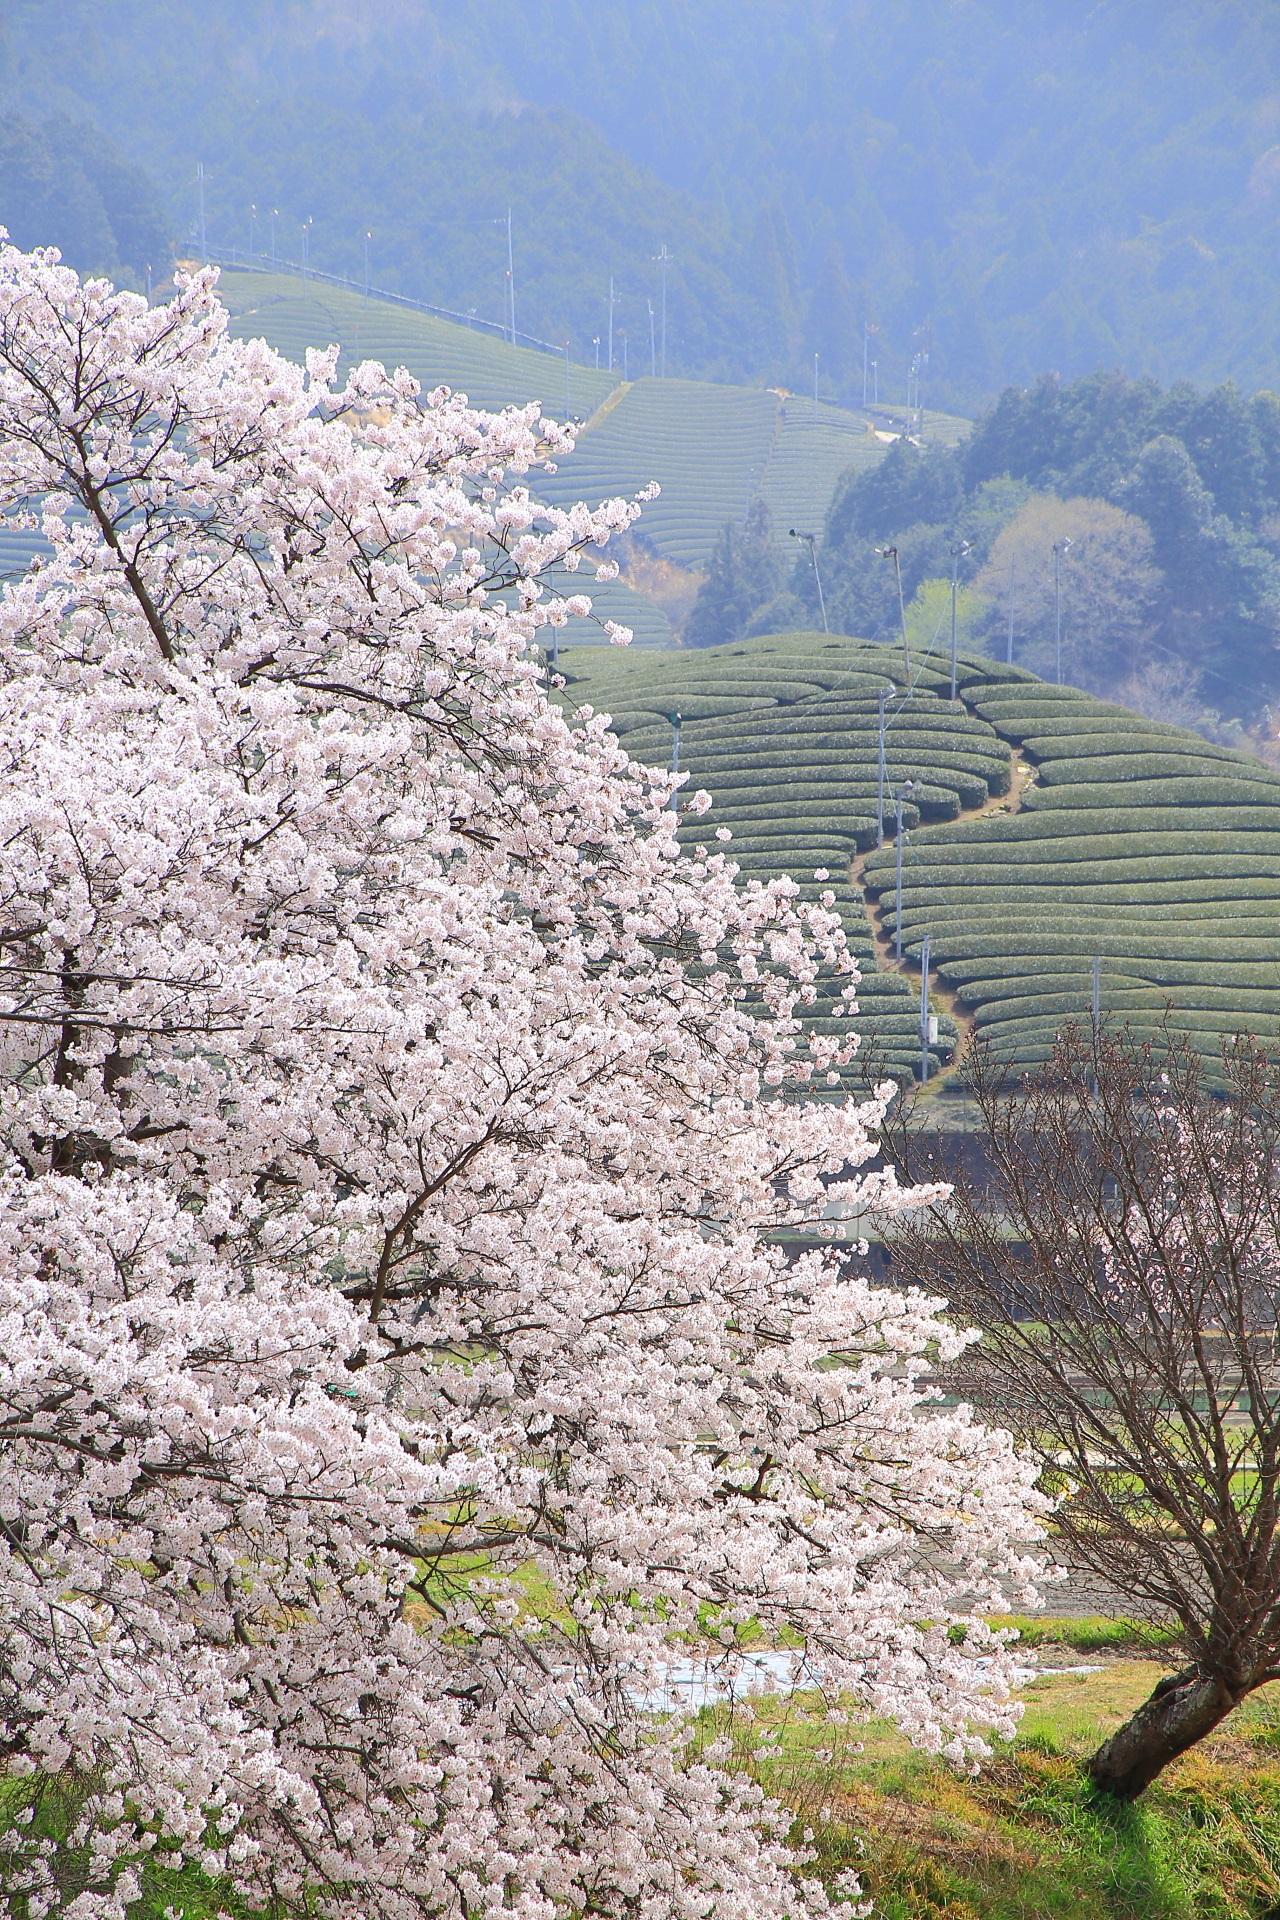 和束町の豪快に咲き誇る桜と茶畑